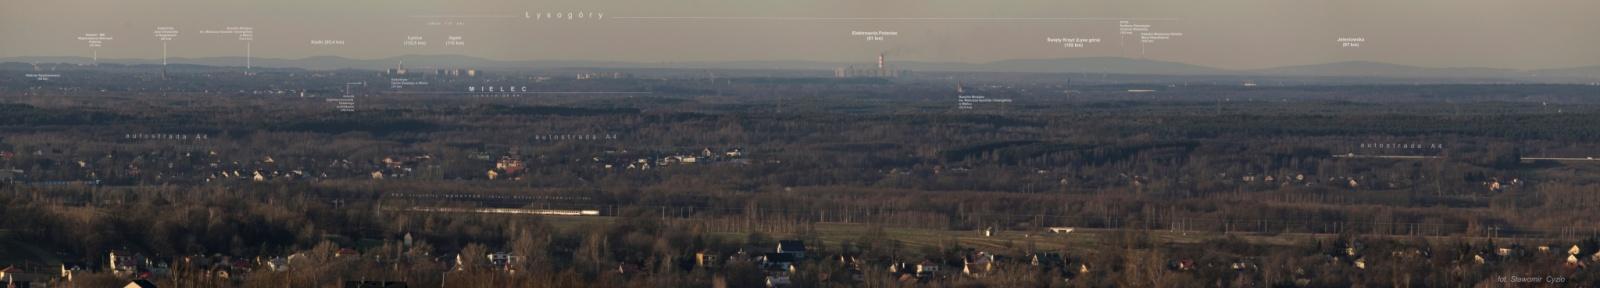 panorama-2048.thumb.jpg.92307fe754a621dc33d4e73788e602cc.jpg